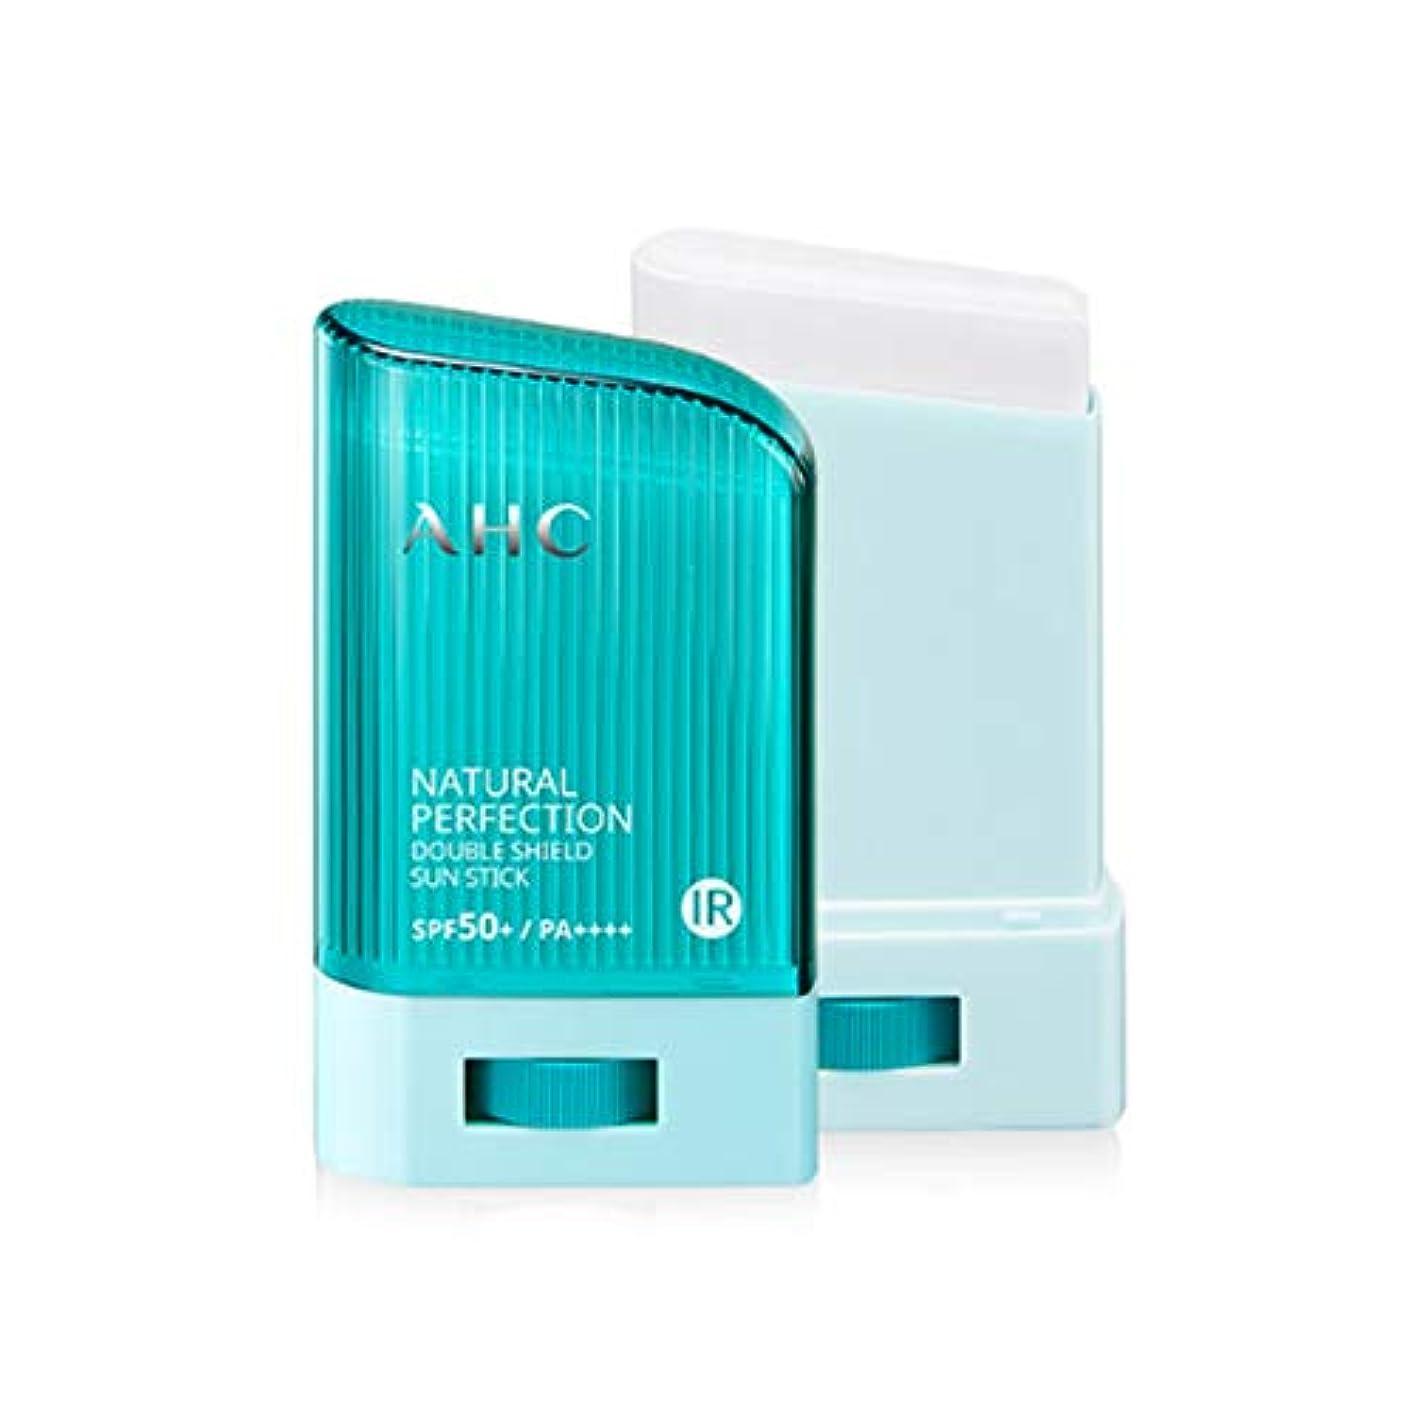 効率的送信するウェイトレスAHC ナチュラルパーフェクションダブルシールドサンスティック ブルー Natural Perfection Double Shield Sun Stick BLUE [並行輸入品] (22g)